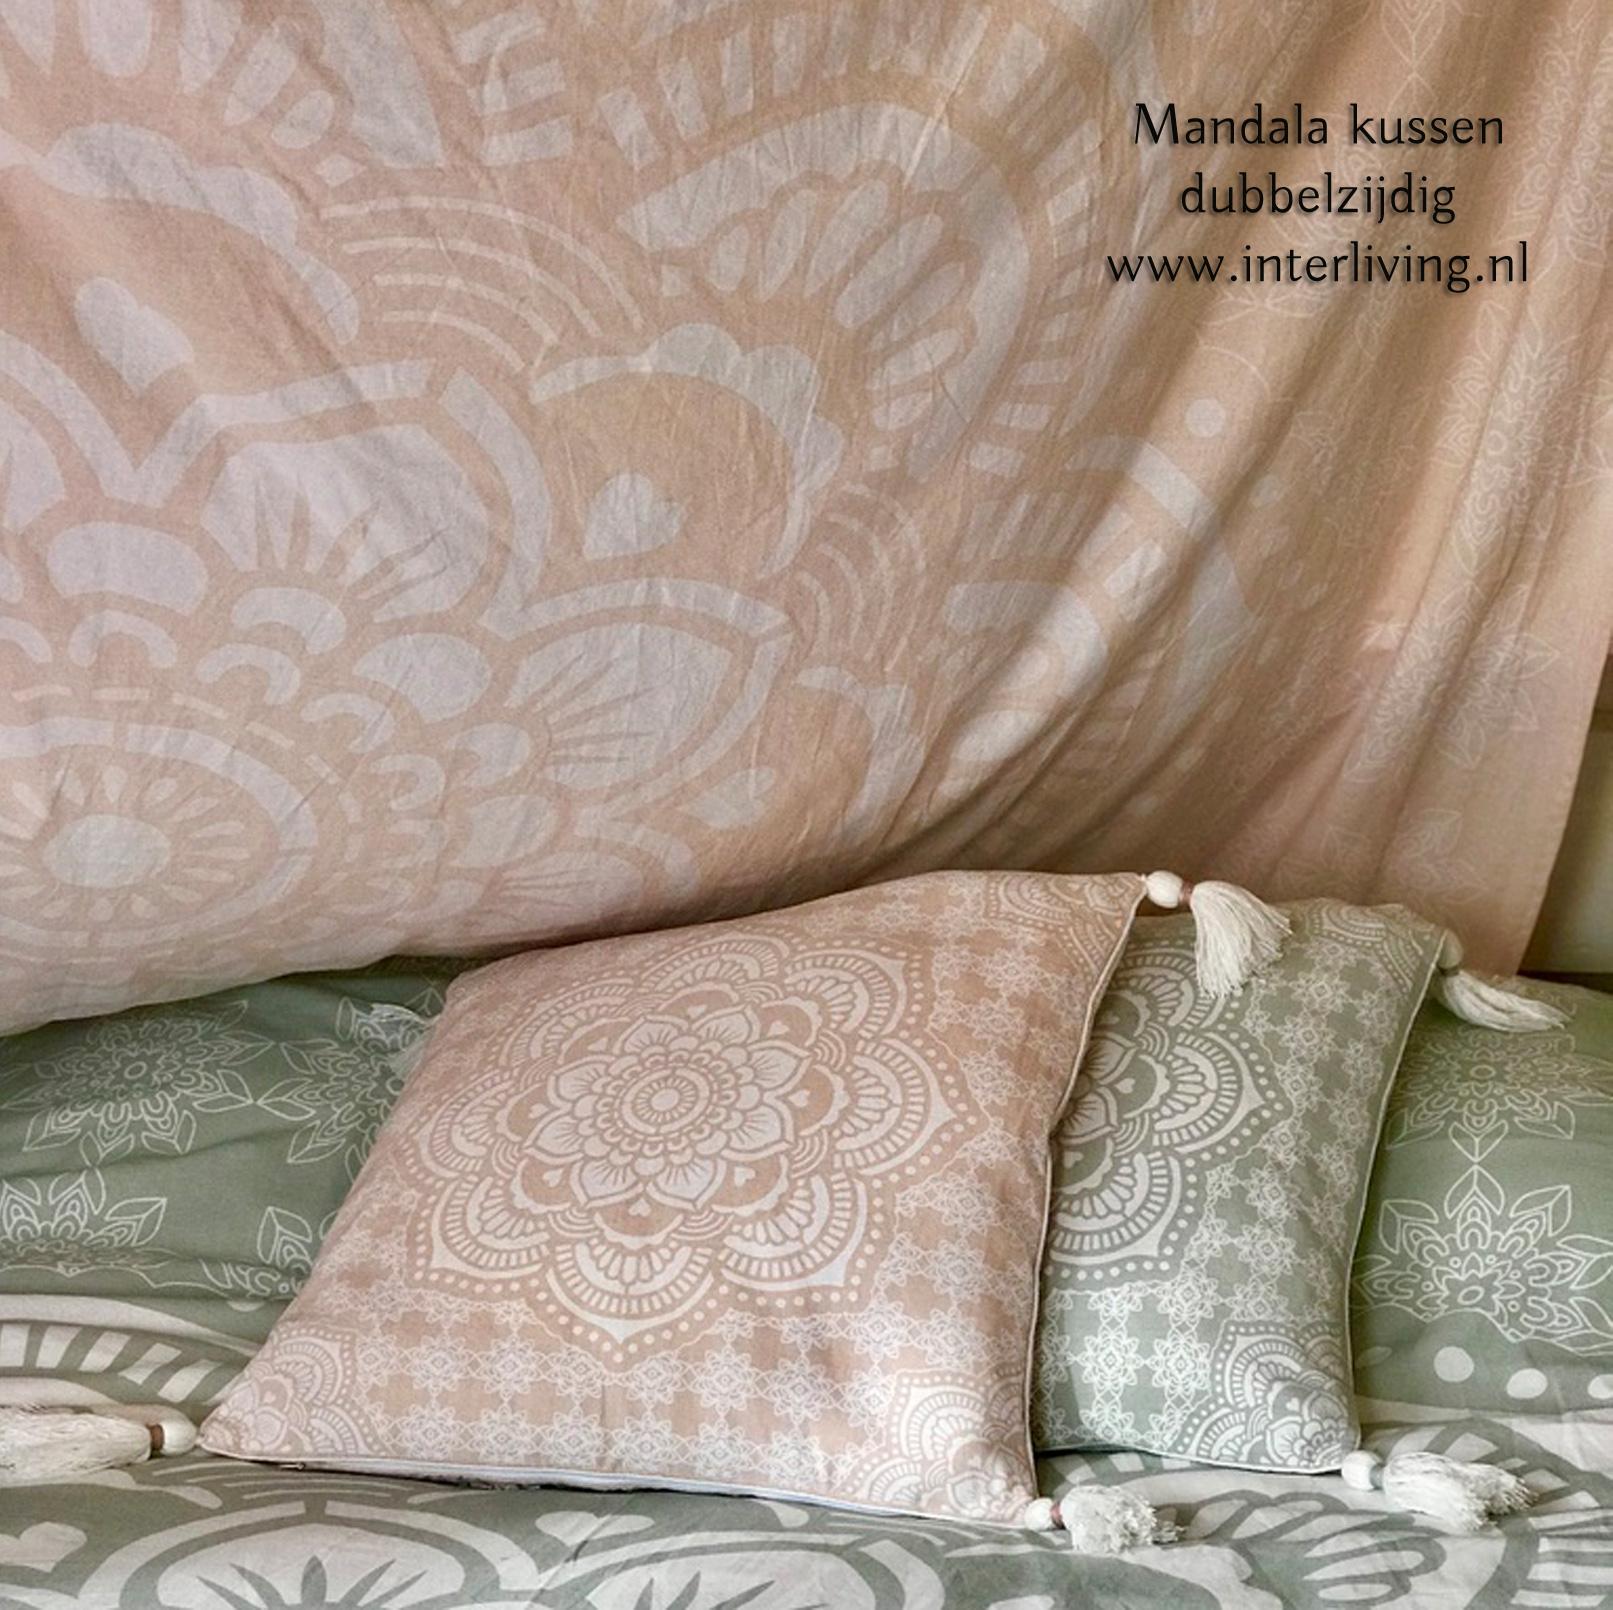 roze Boho Mandala muurdecoratie kleed of tapijt - bedsprei met bijpassend kussen Ibiza chic